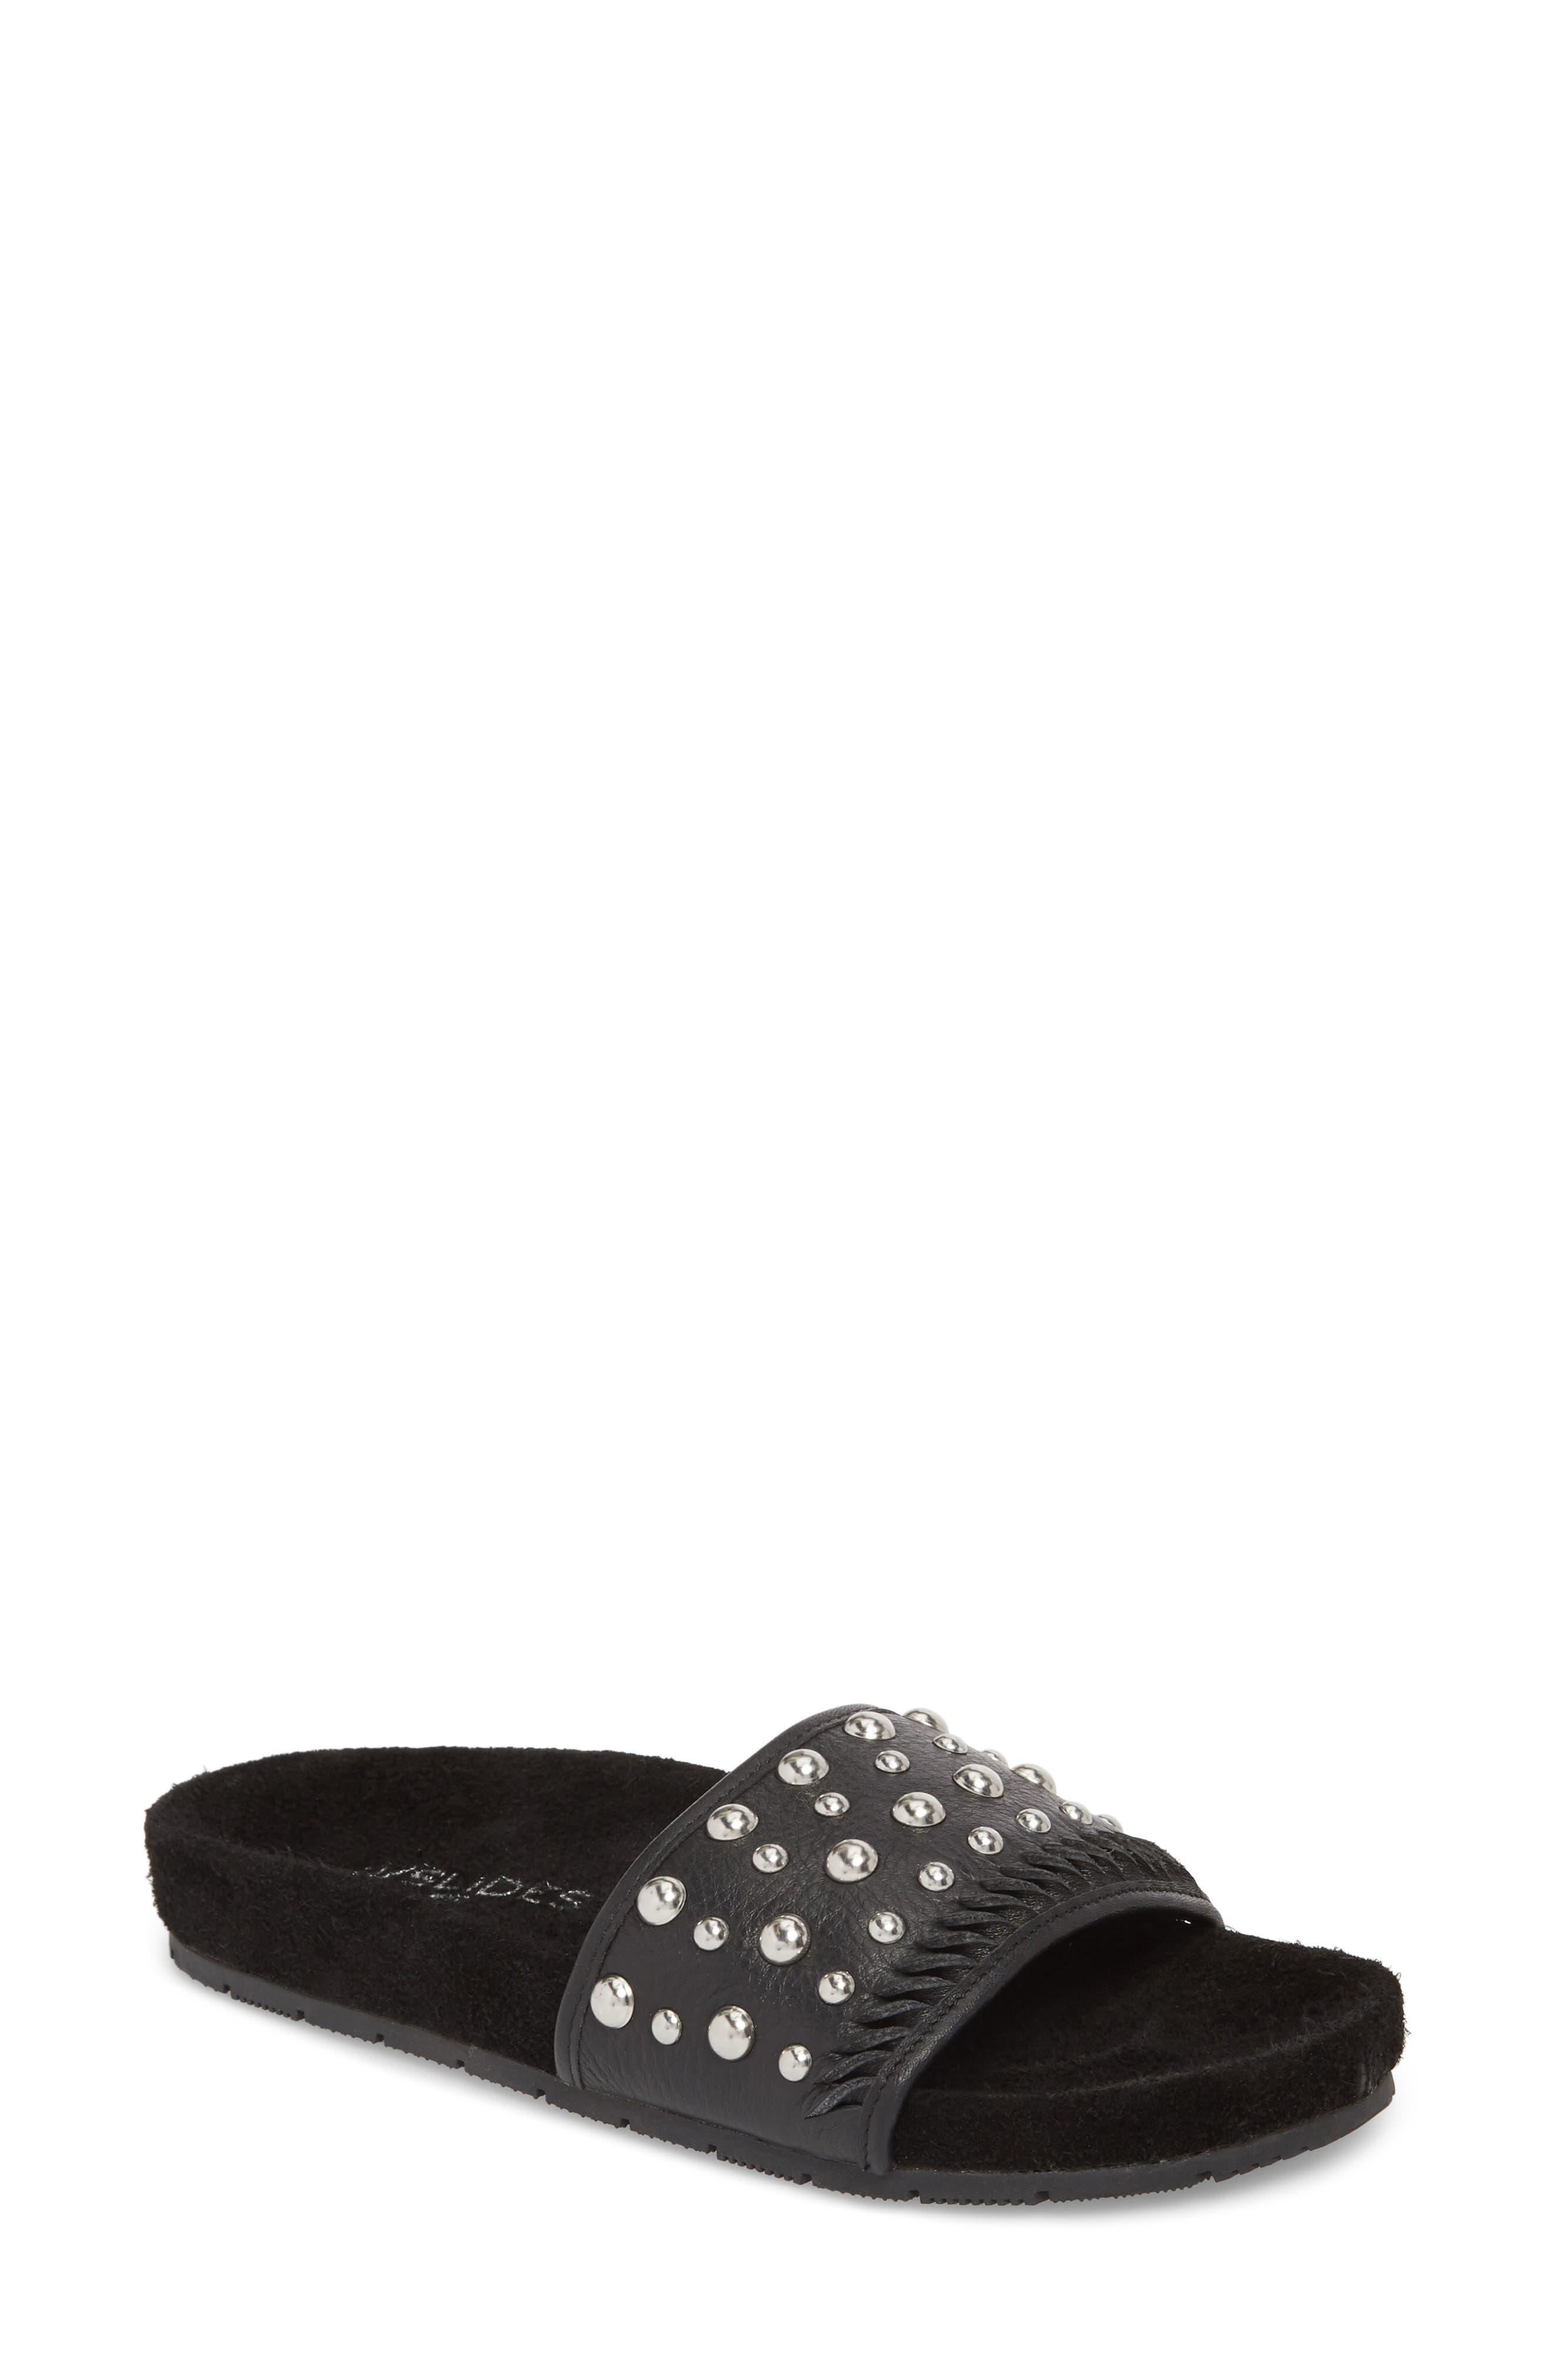 Nora Studded Slide Sandal,                         Main,                         color, BLACK SUEDE